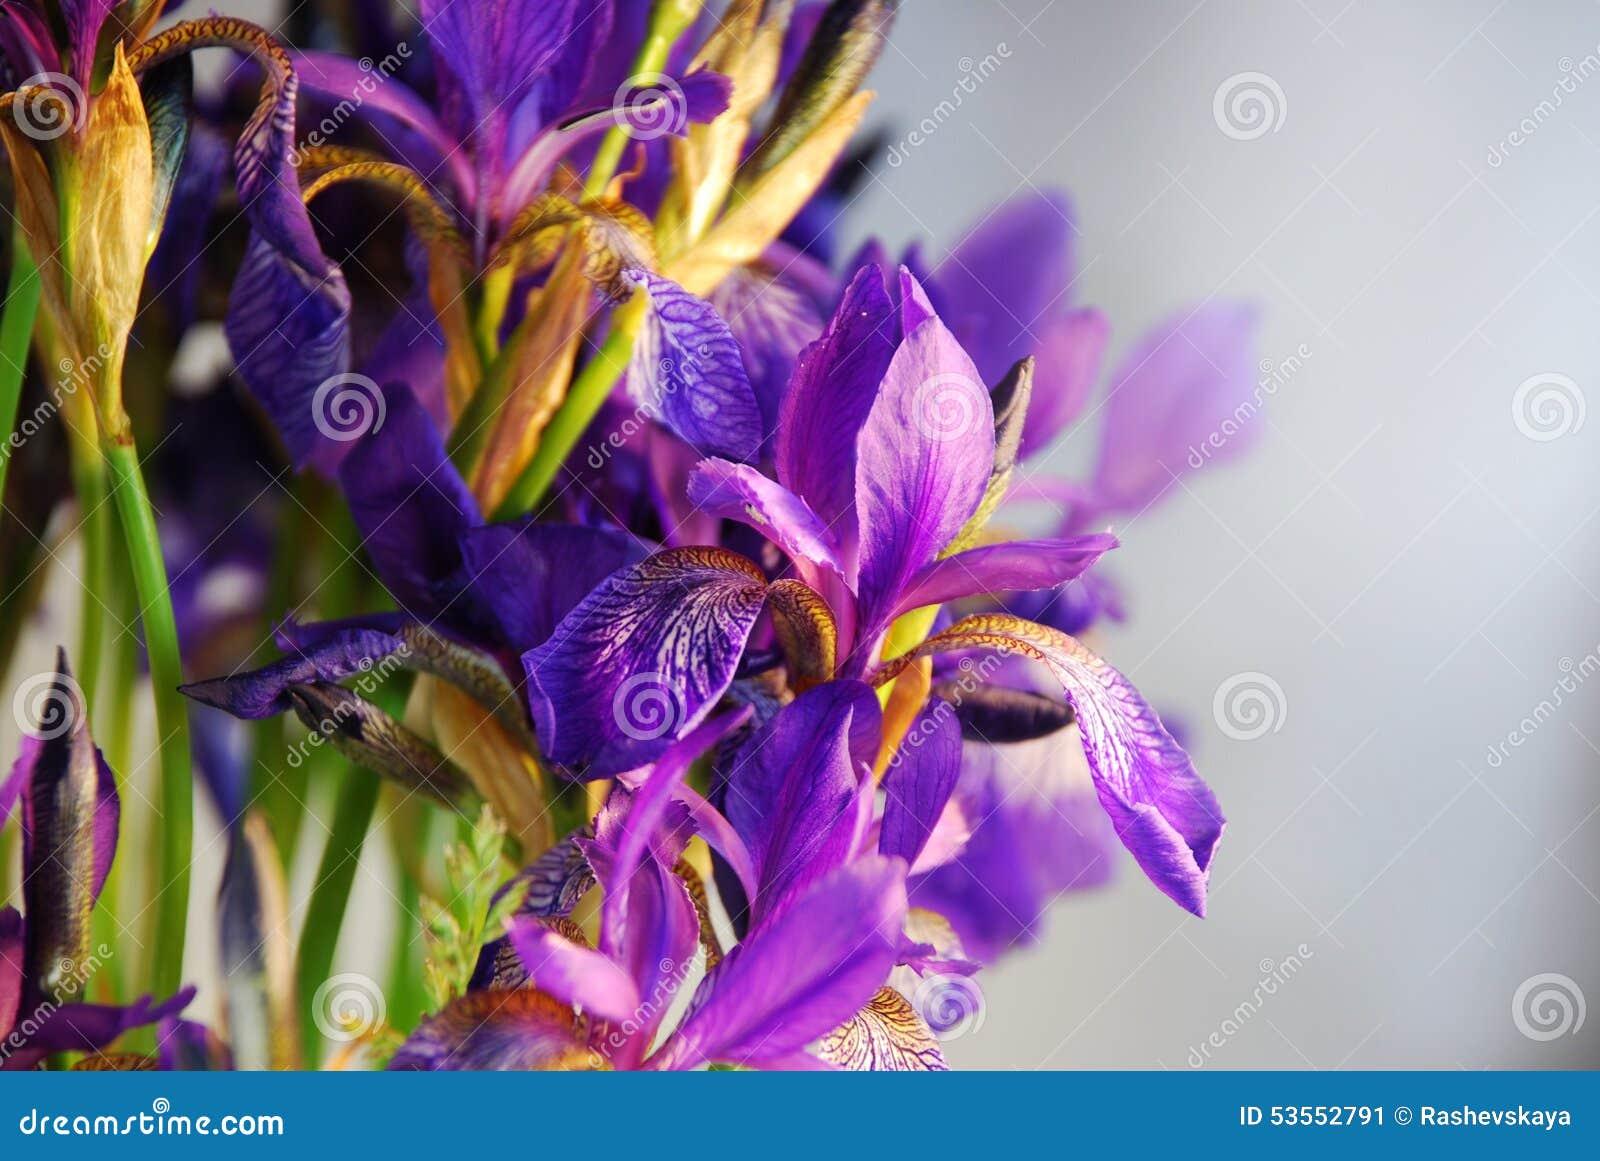 Blumenstrauß der Blenden